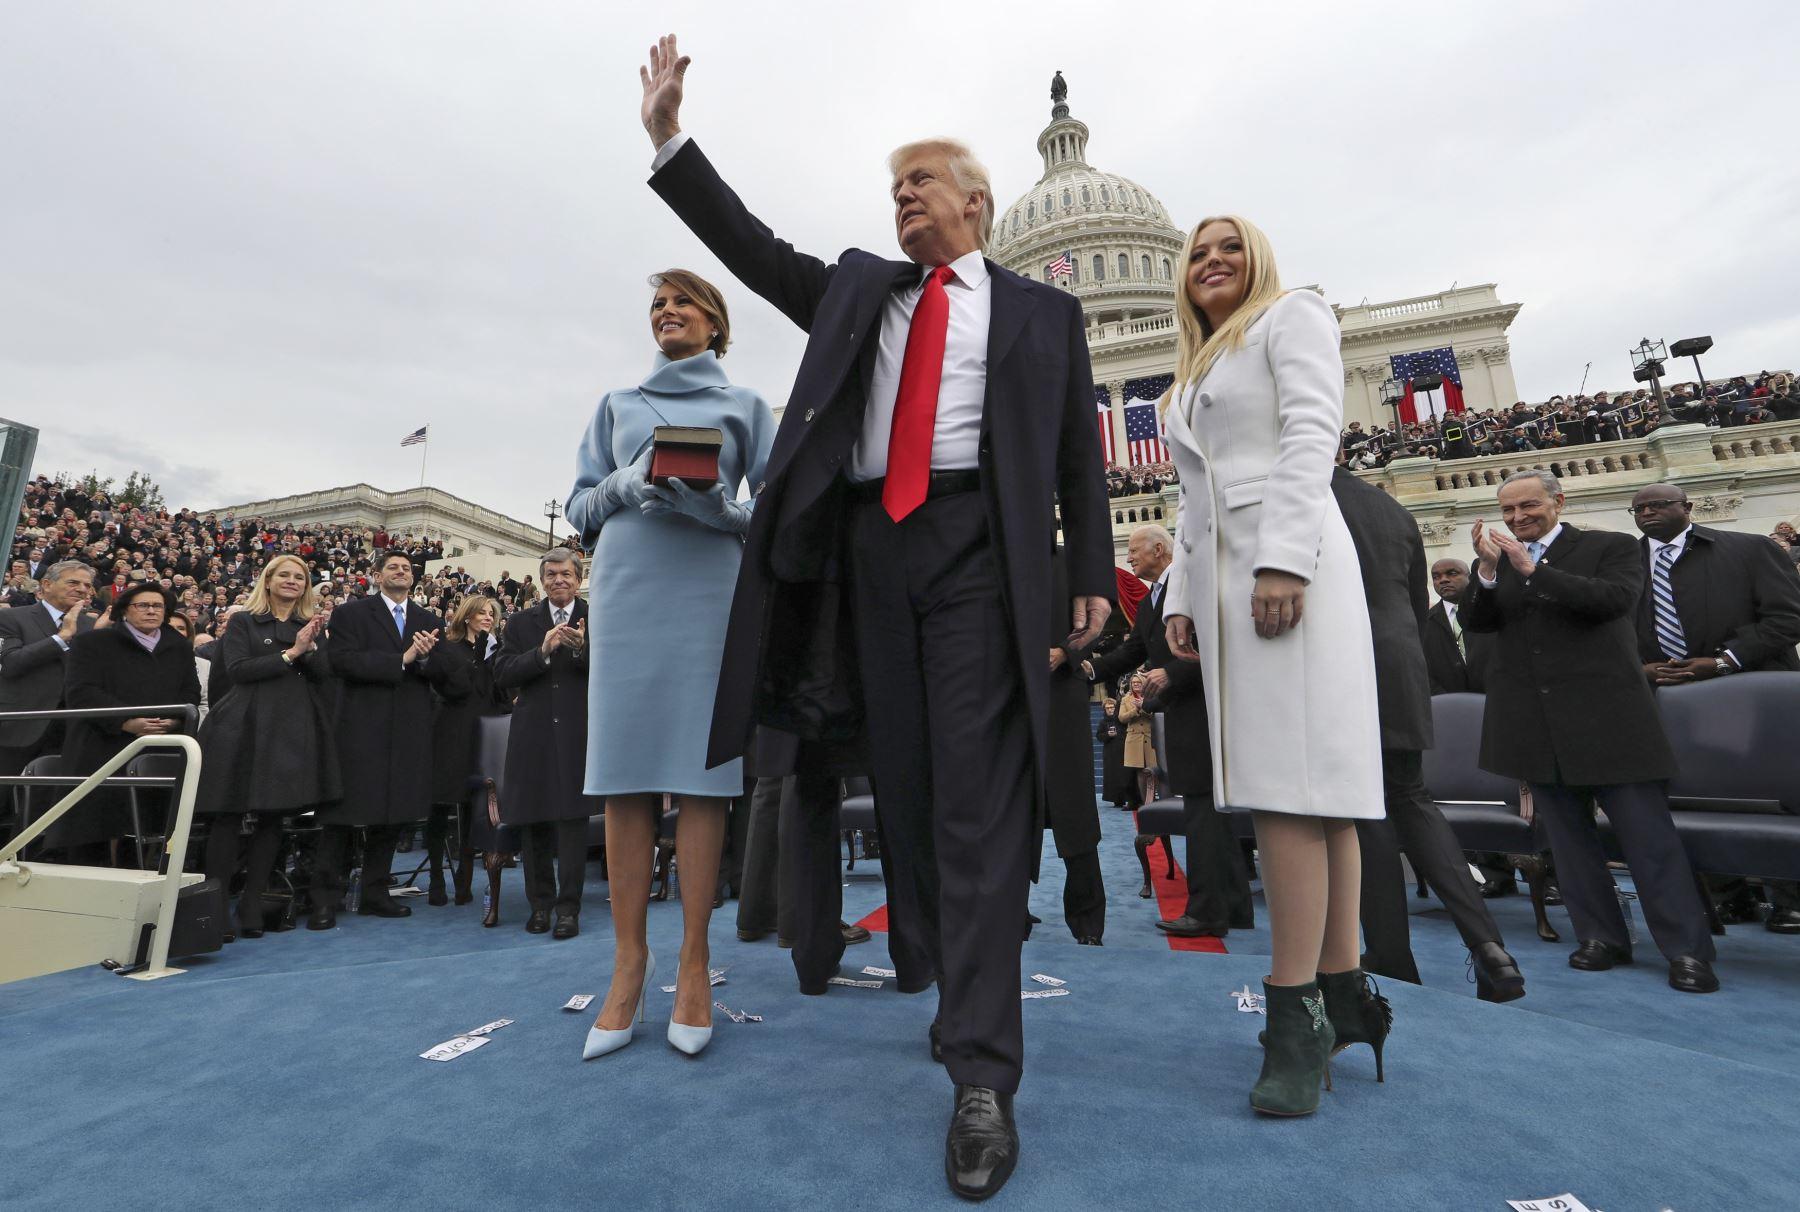 Donald Trump prestó juramento como el 45 presidente de Estados Unidos en el Capitolio de Washington. Foto: AFP